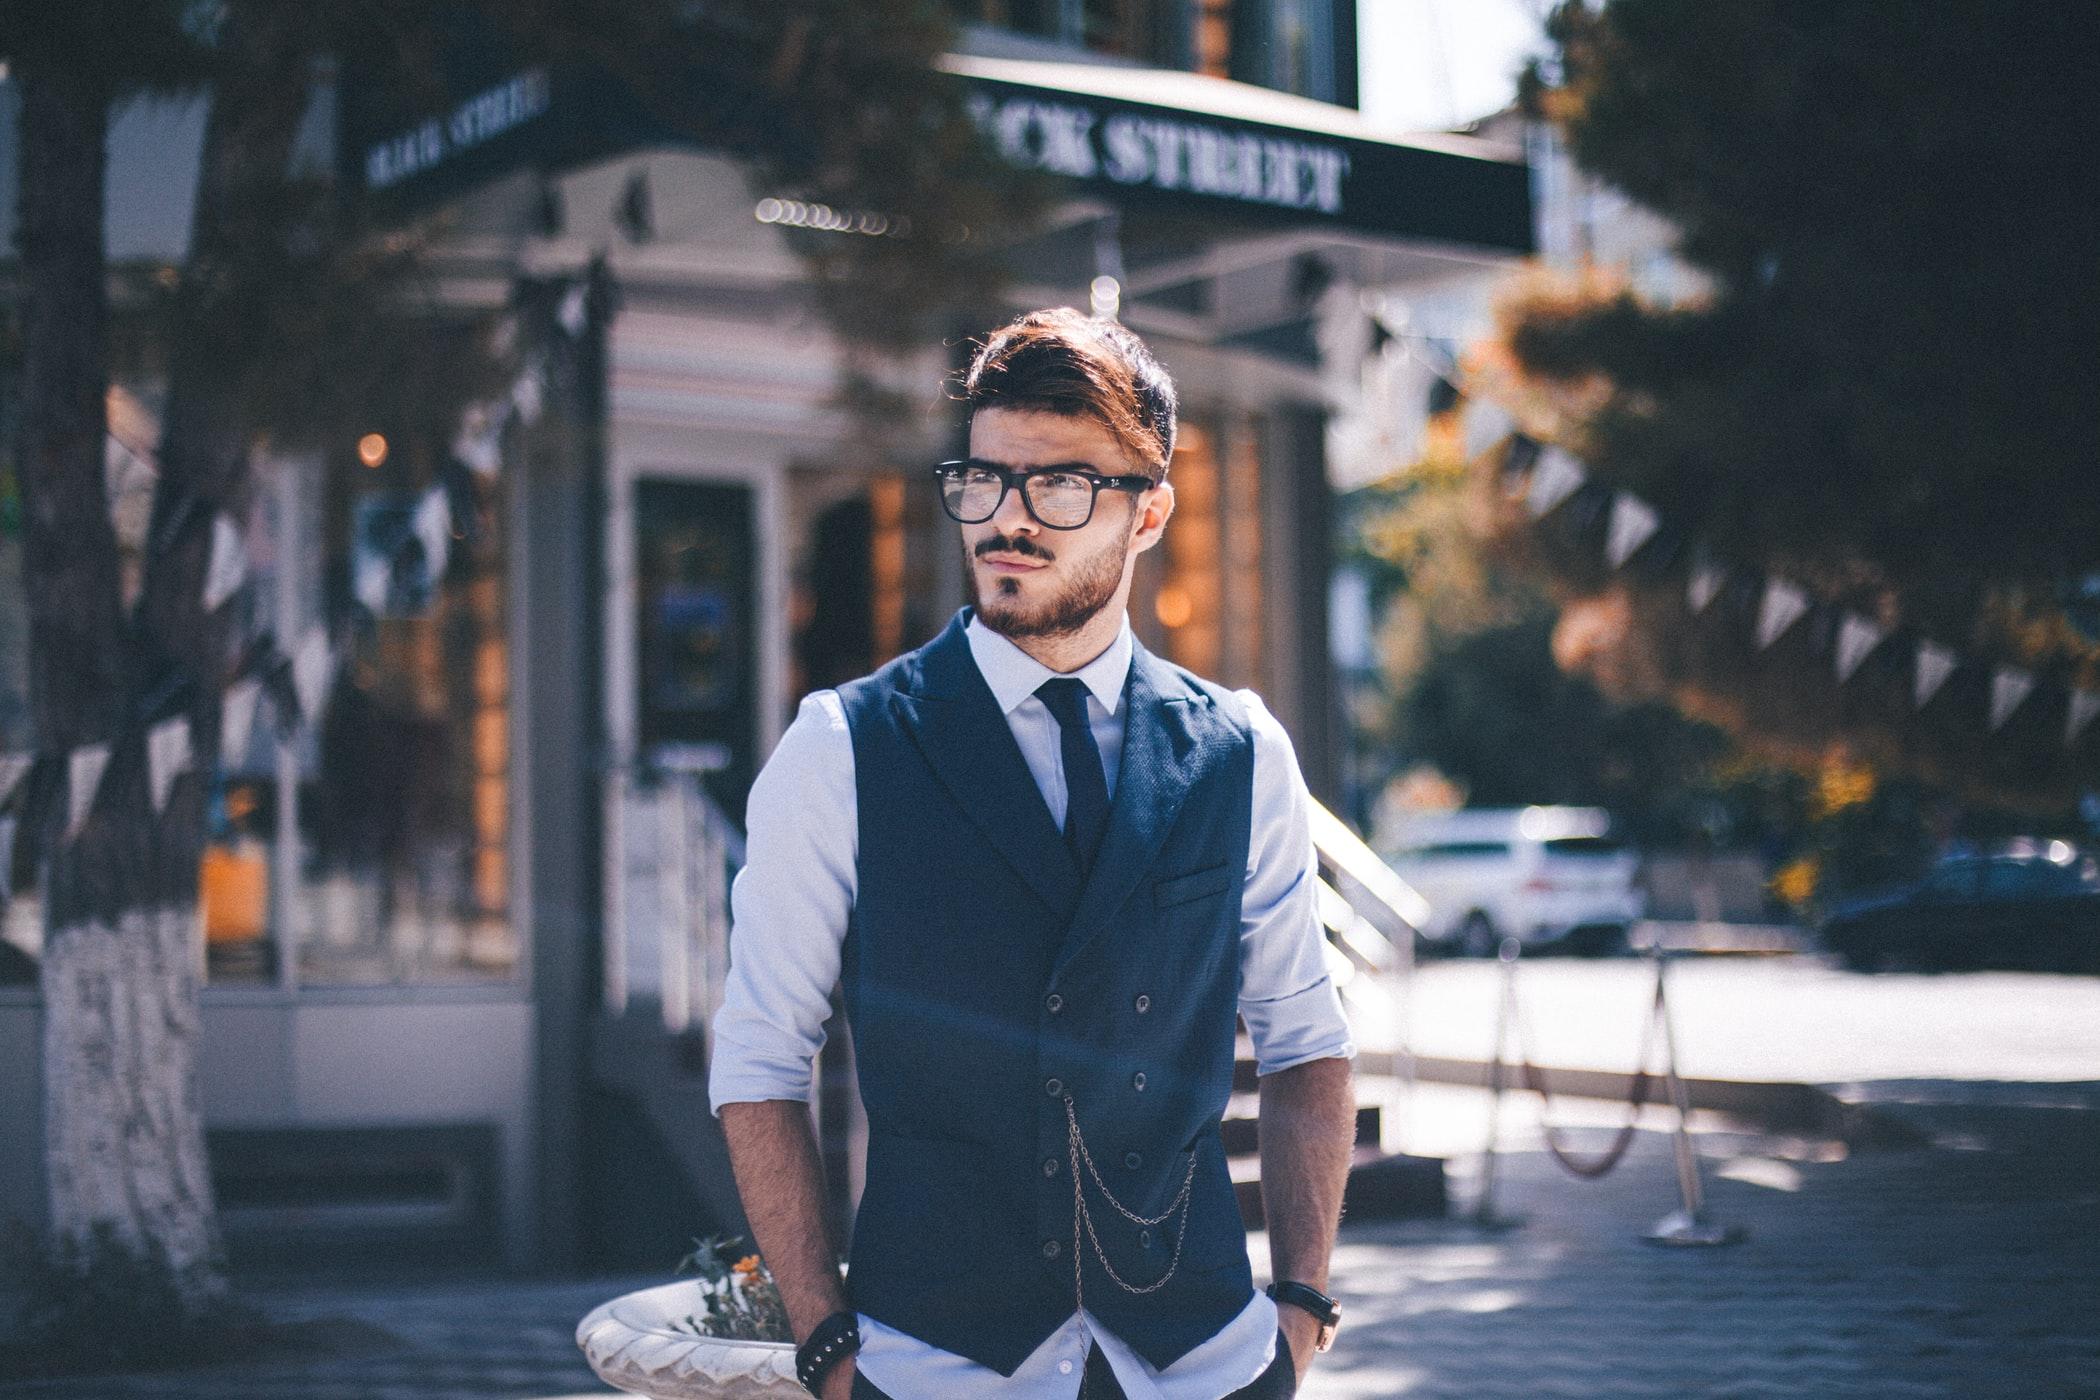 Sommer im Büro: Was Du tragen darfst und was du lieber meiden solltest